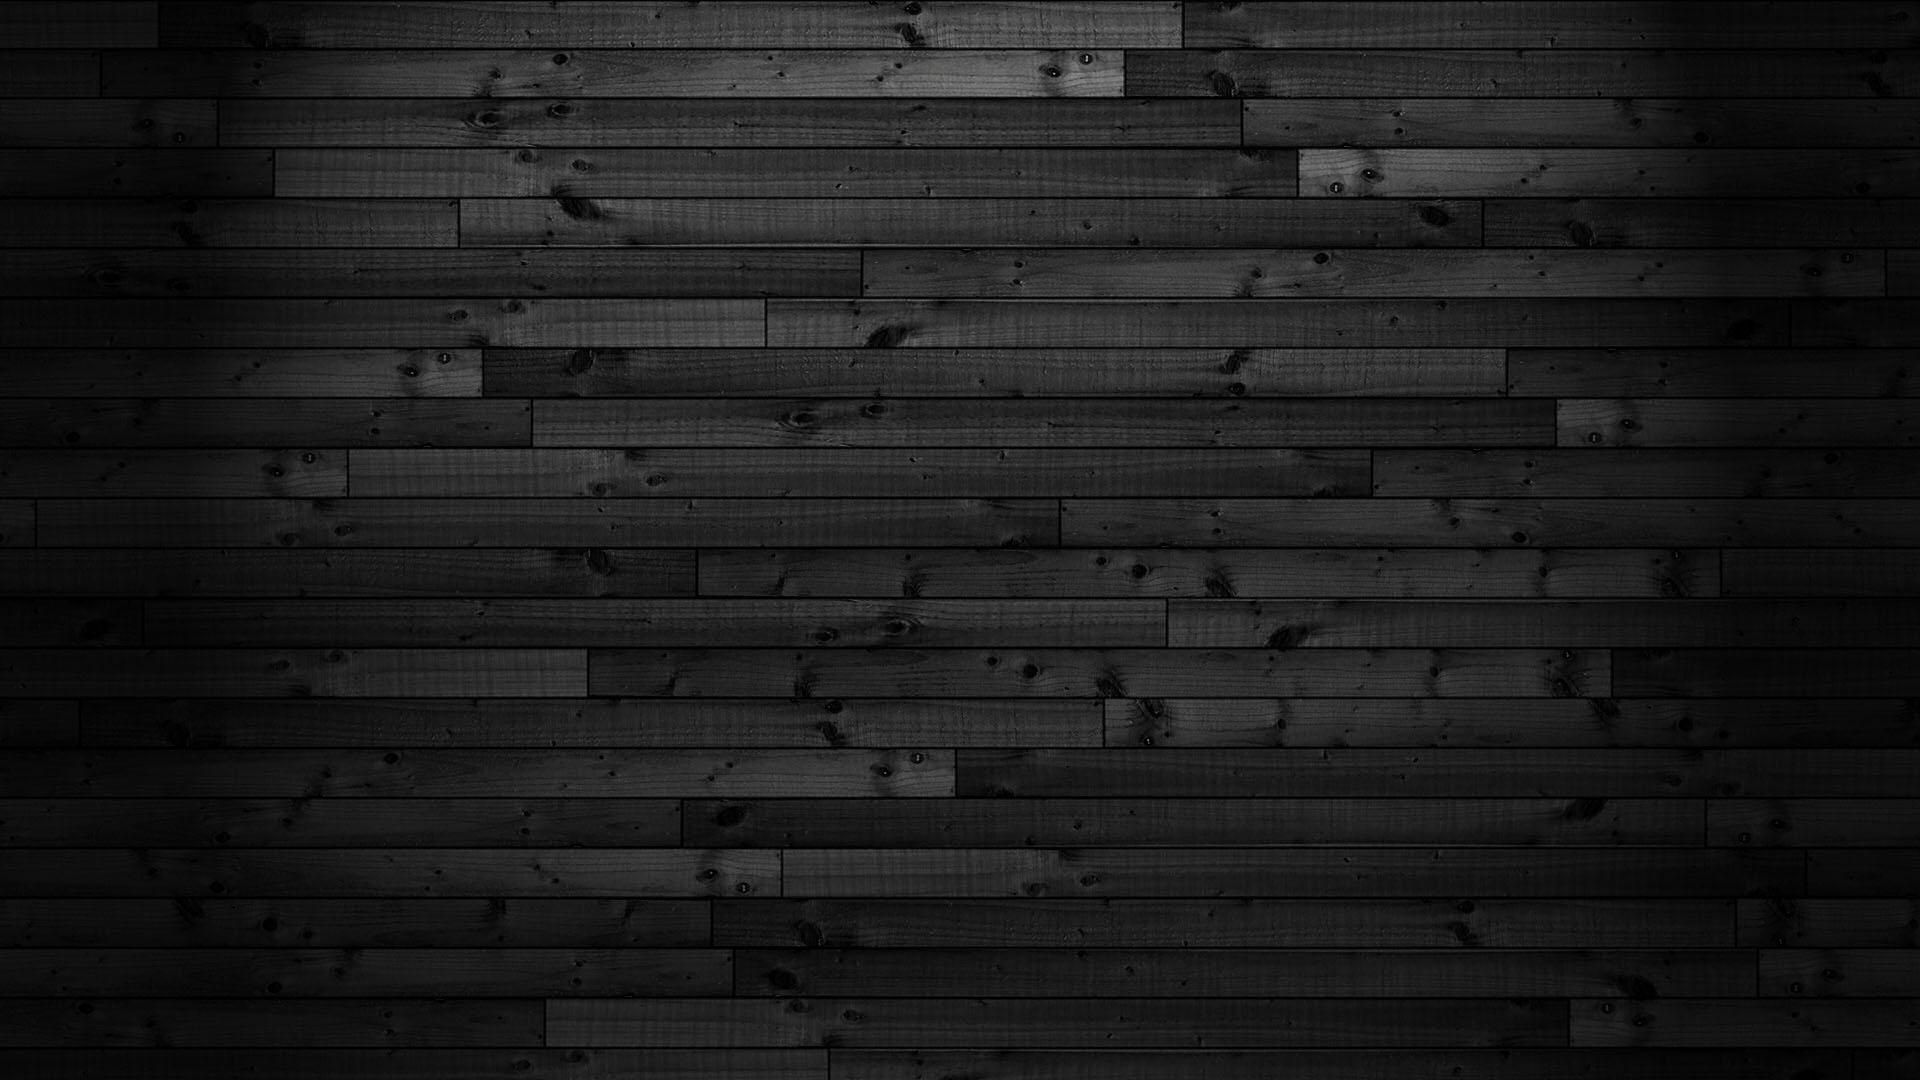 Black Brick Wall Hd Architecture Home Decor